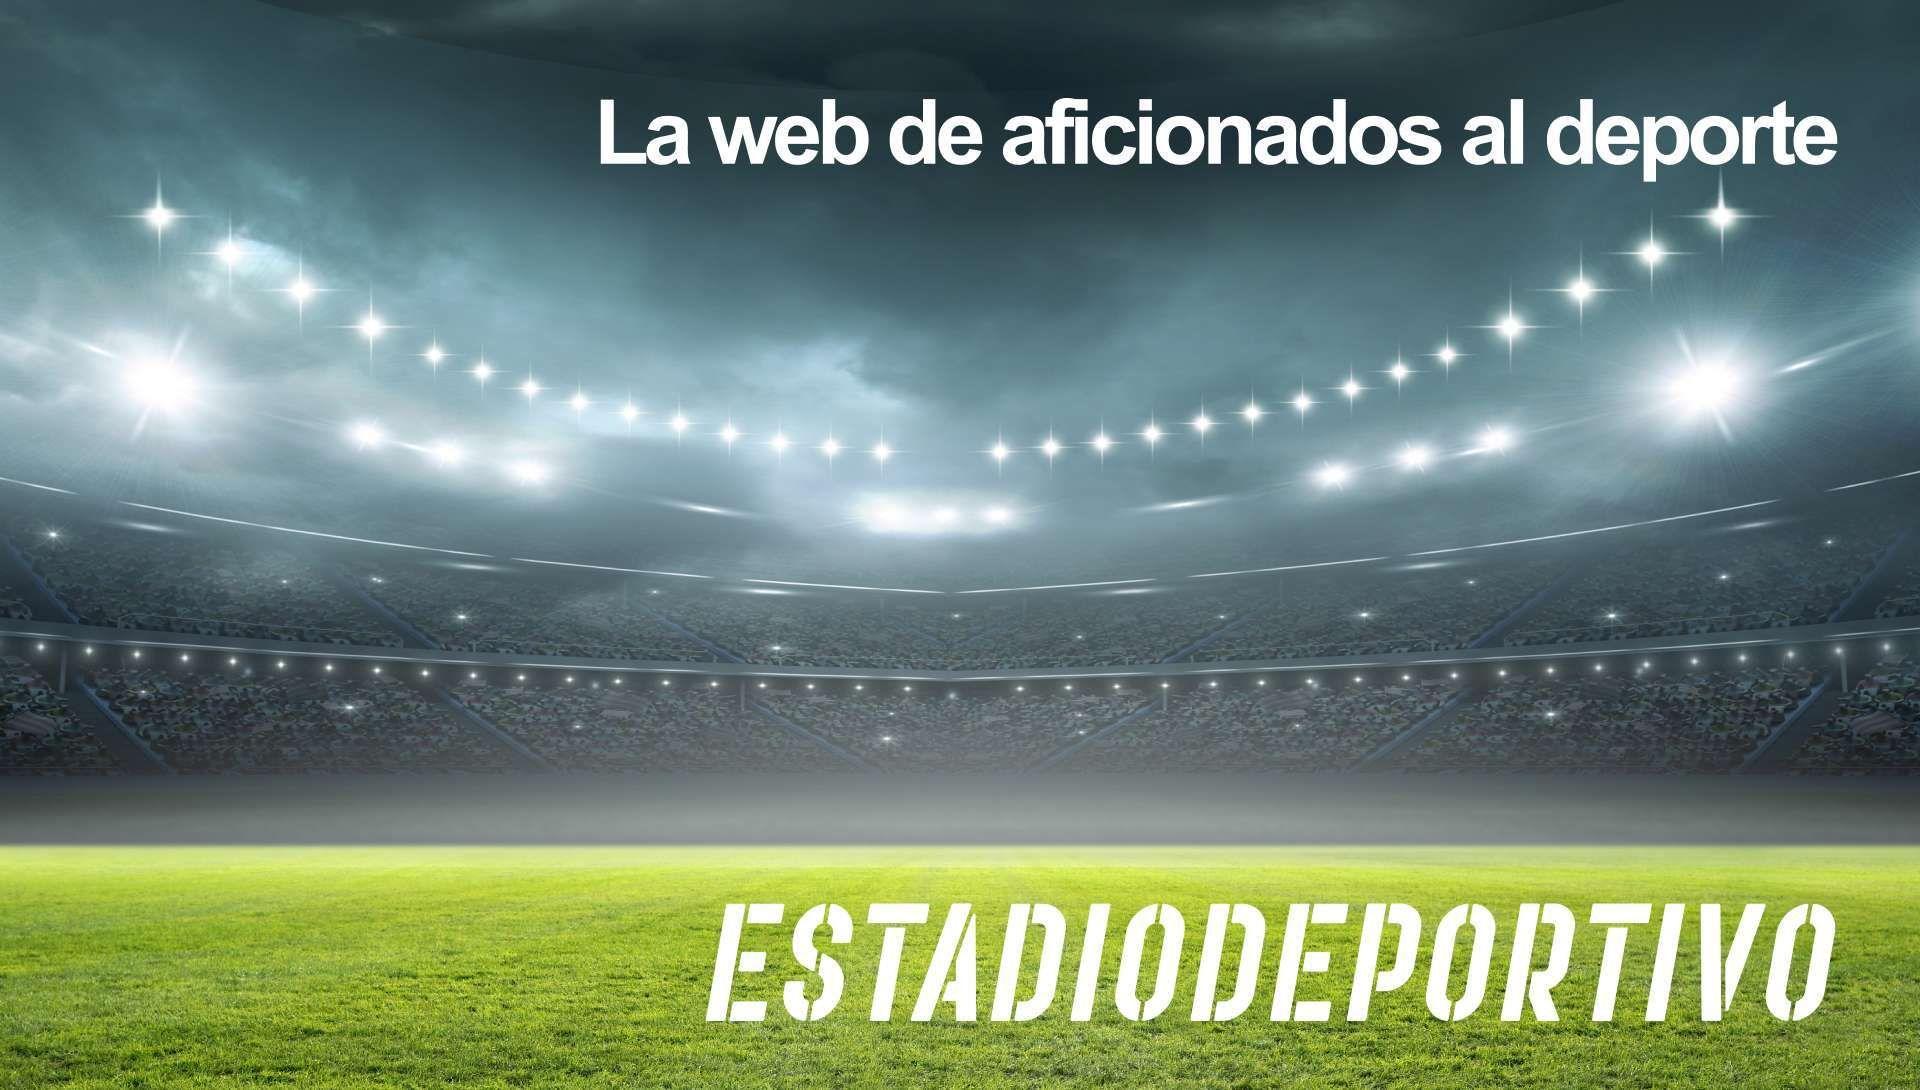 Las portadas del miércoles 17 de febrero